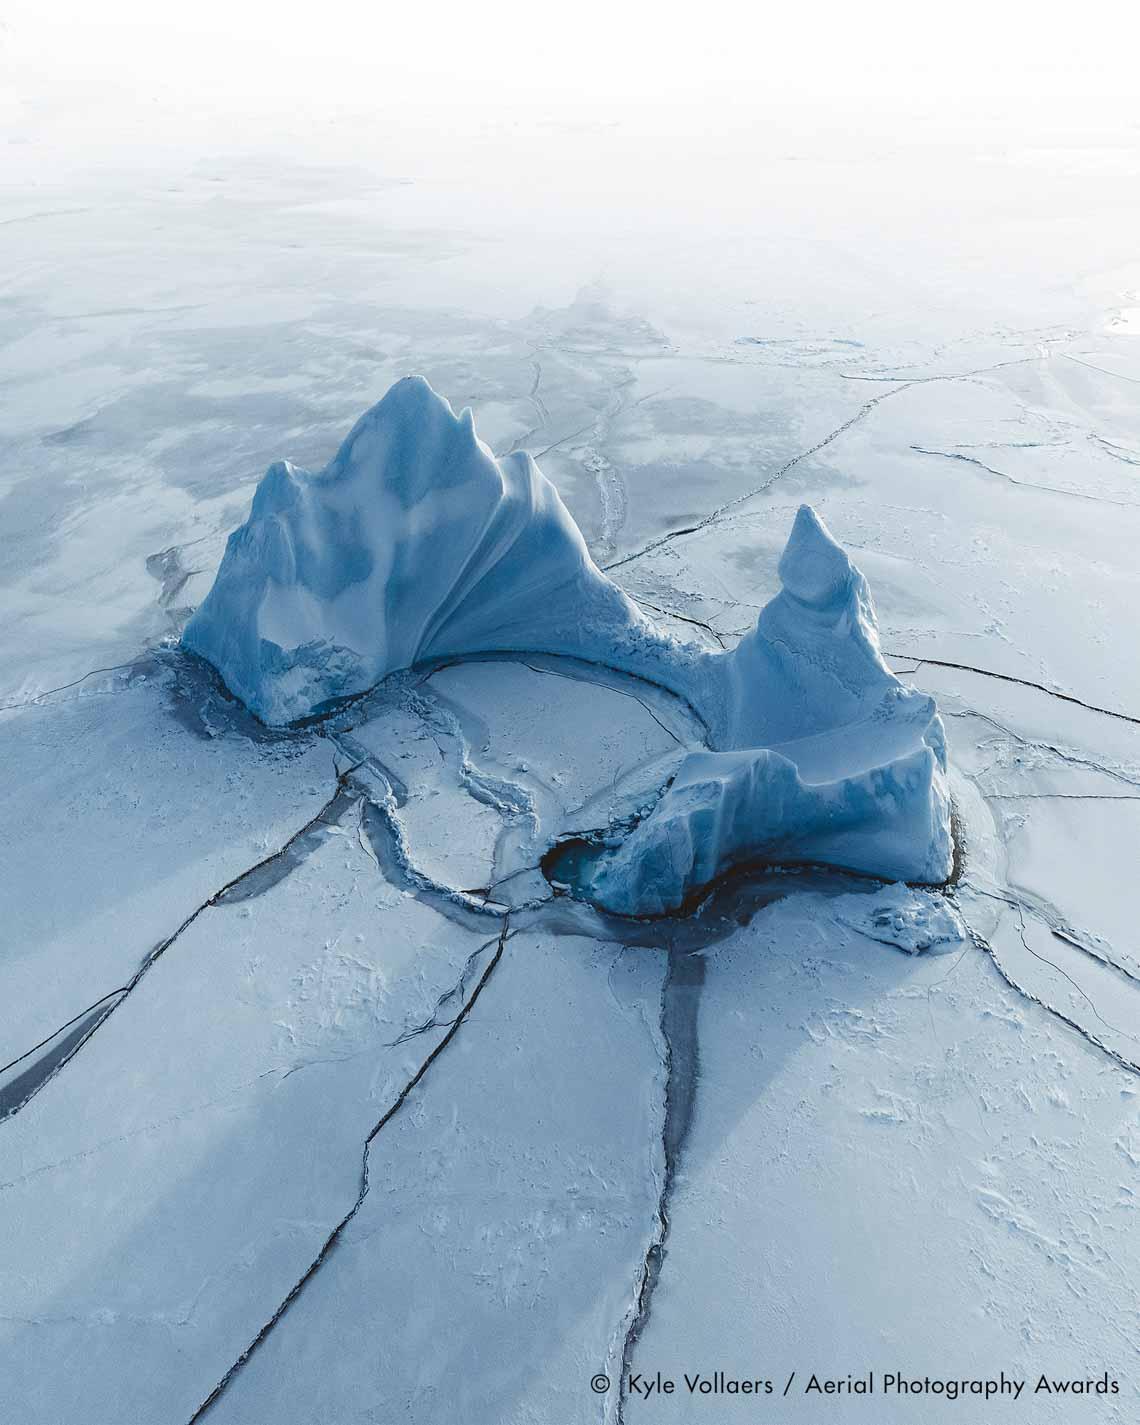 Những bức ảnh ấn tượng đoạt giải trong cuộc thi Nhiếp ảnh Trên không lần thứ nhất -1